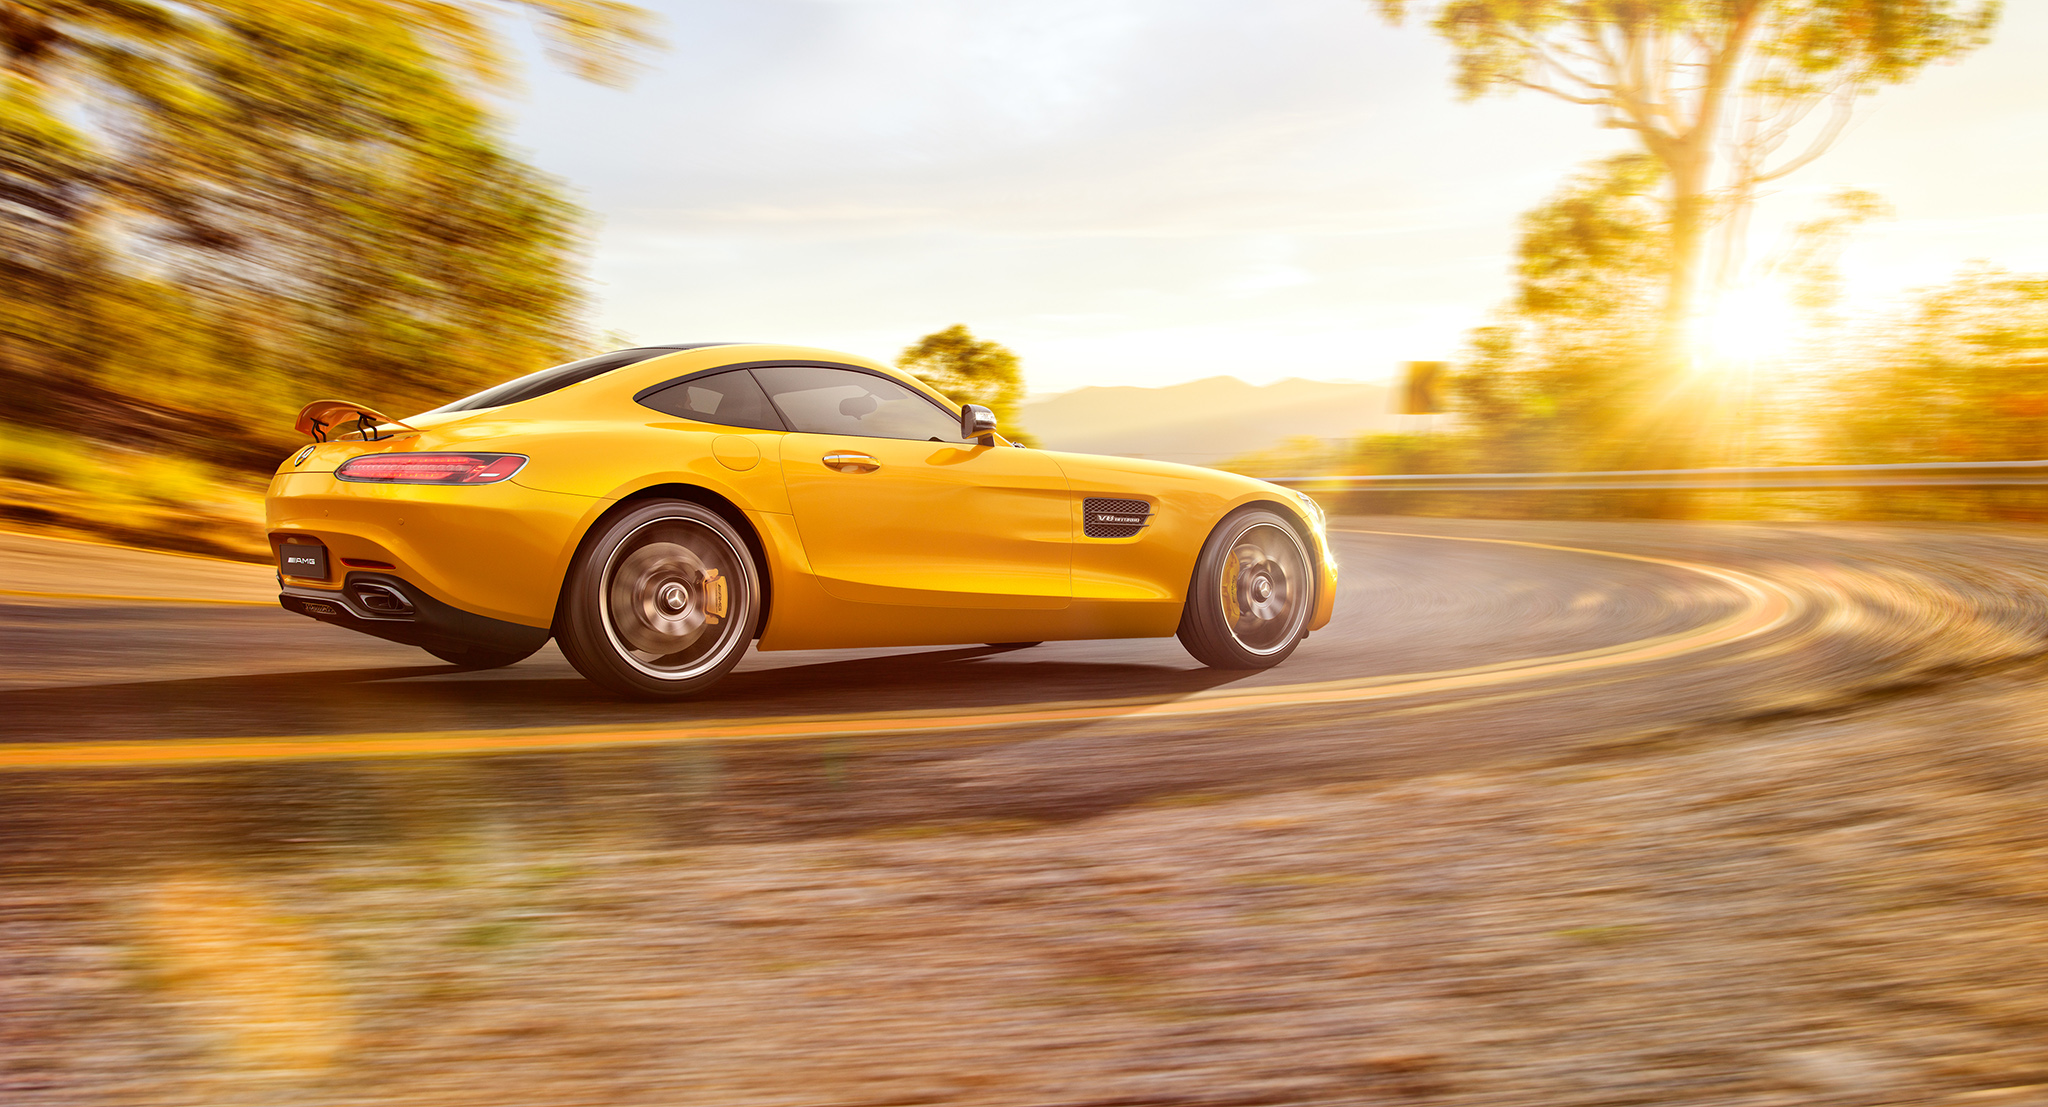 Mercedes-Benz AMG GT - CGI